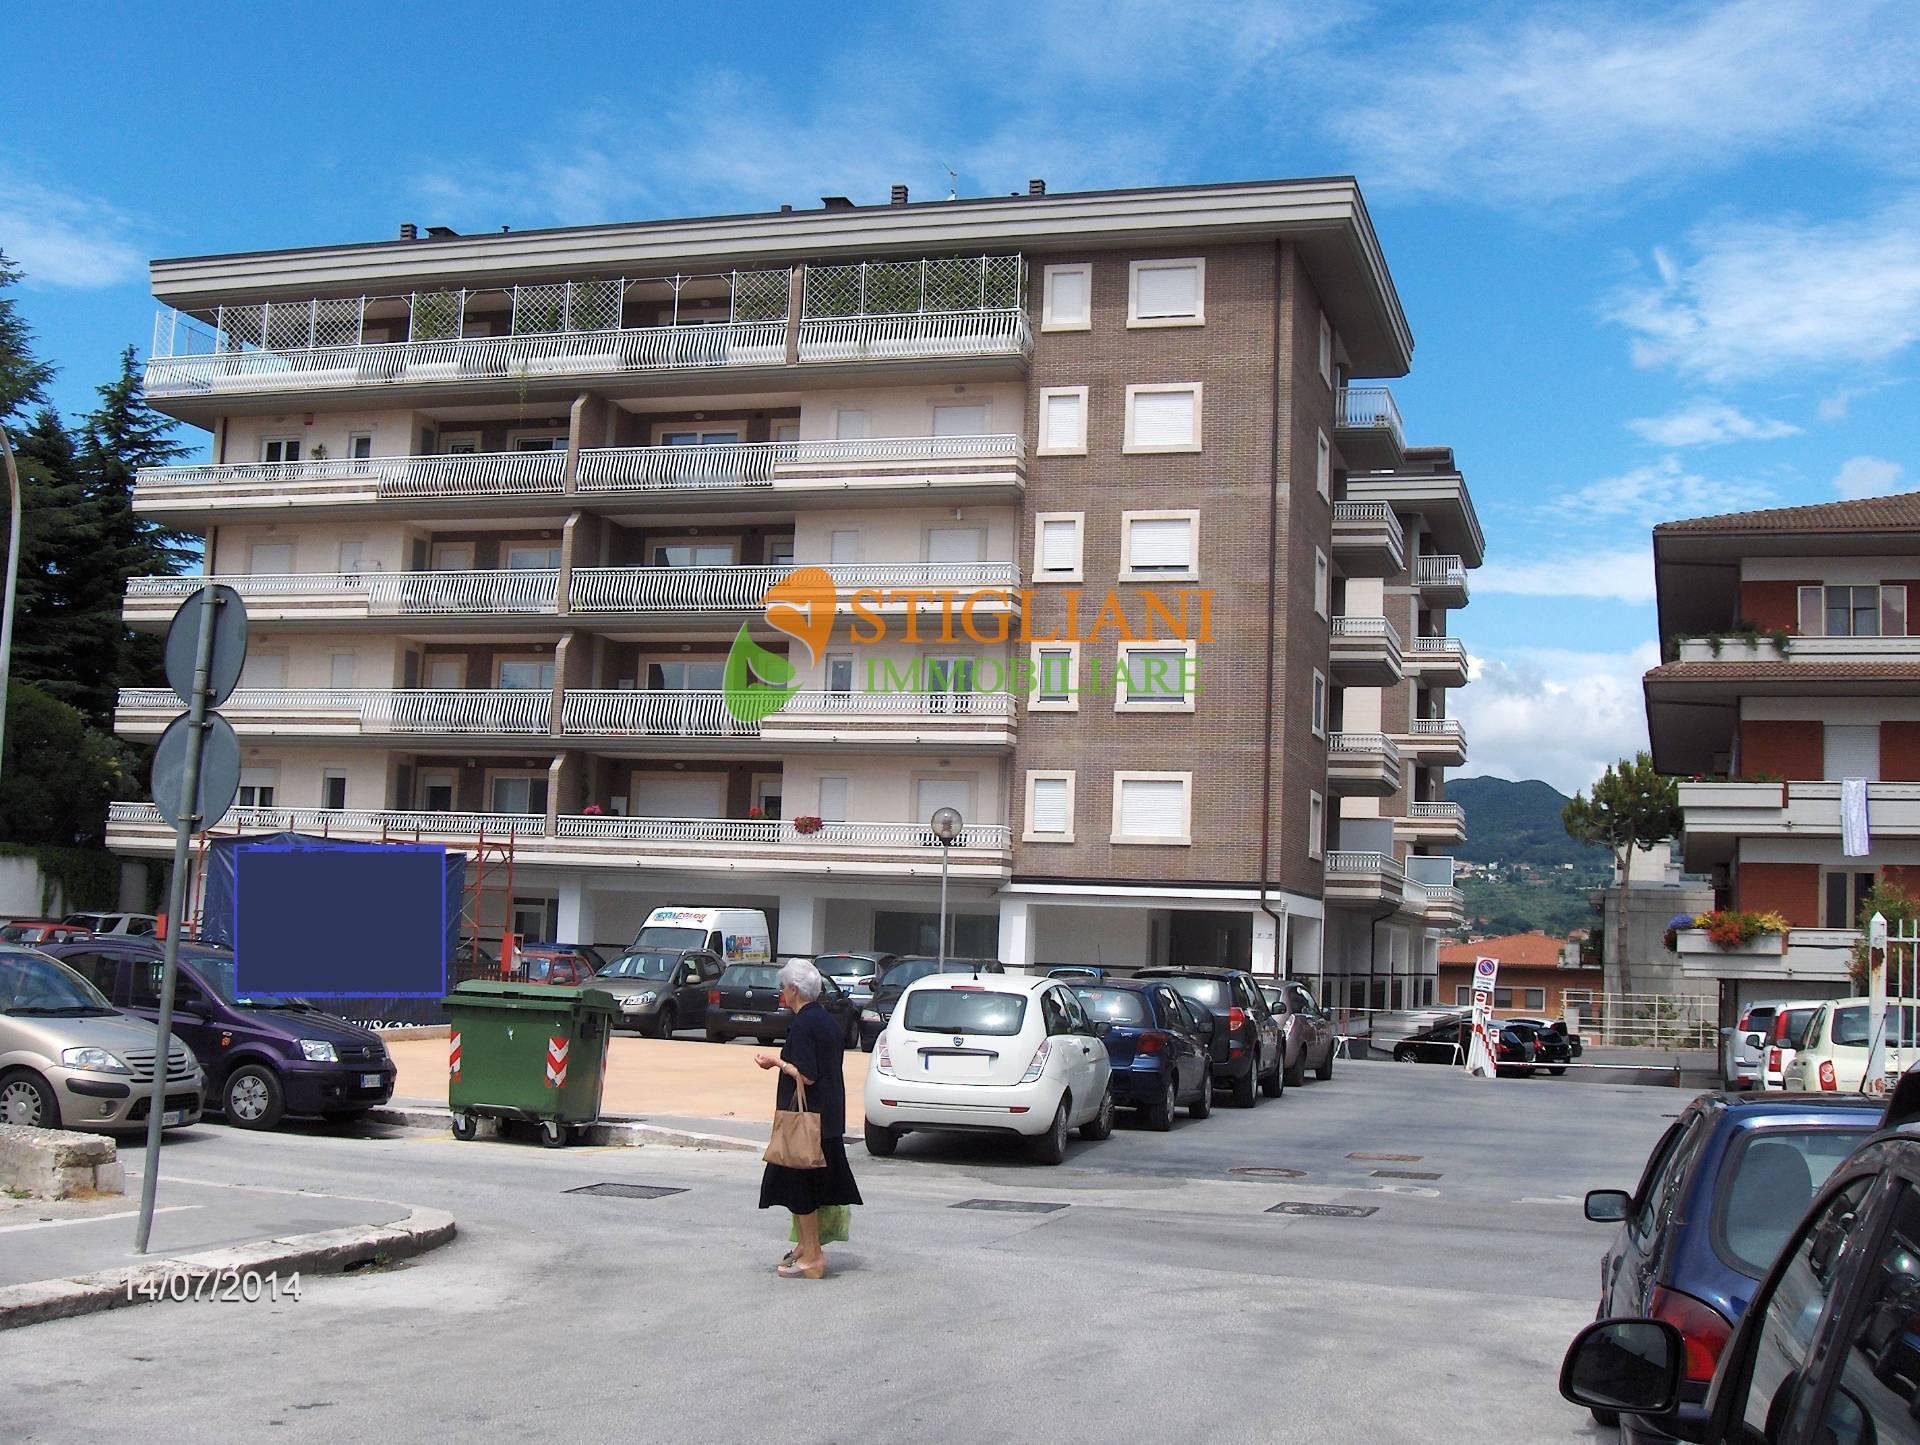 Locale commerciale in vendita, Isernia via berta